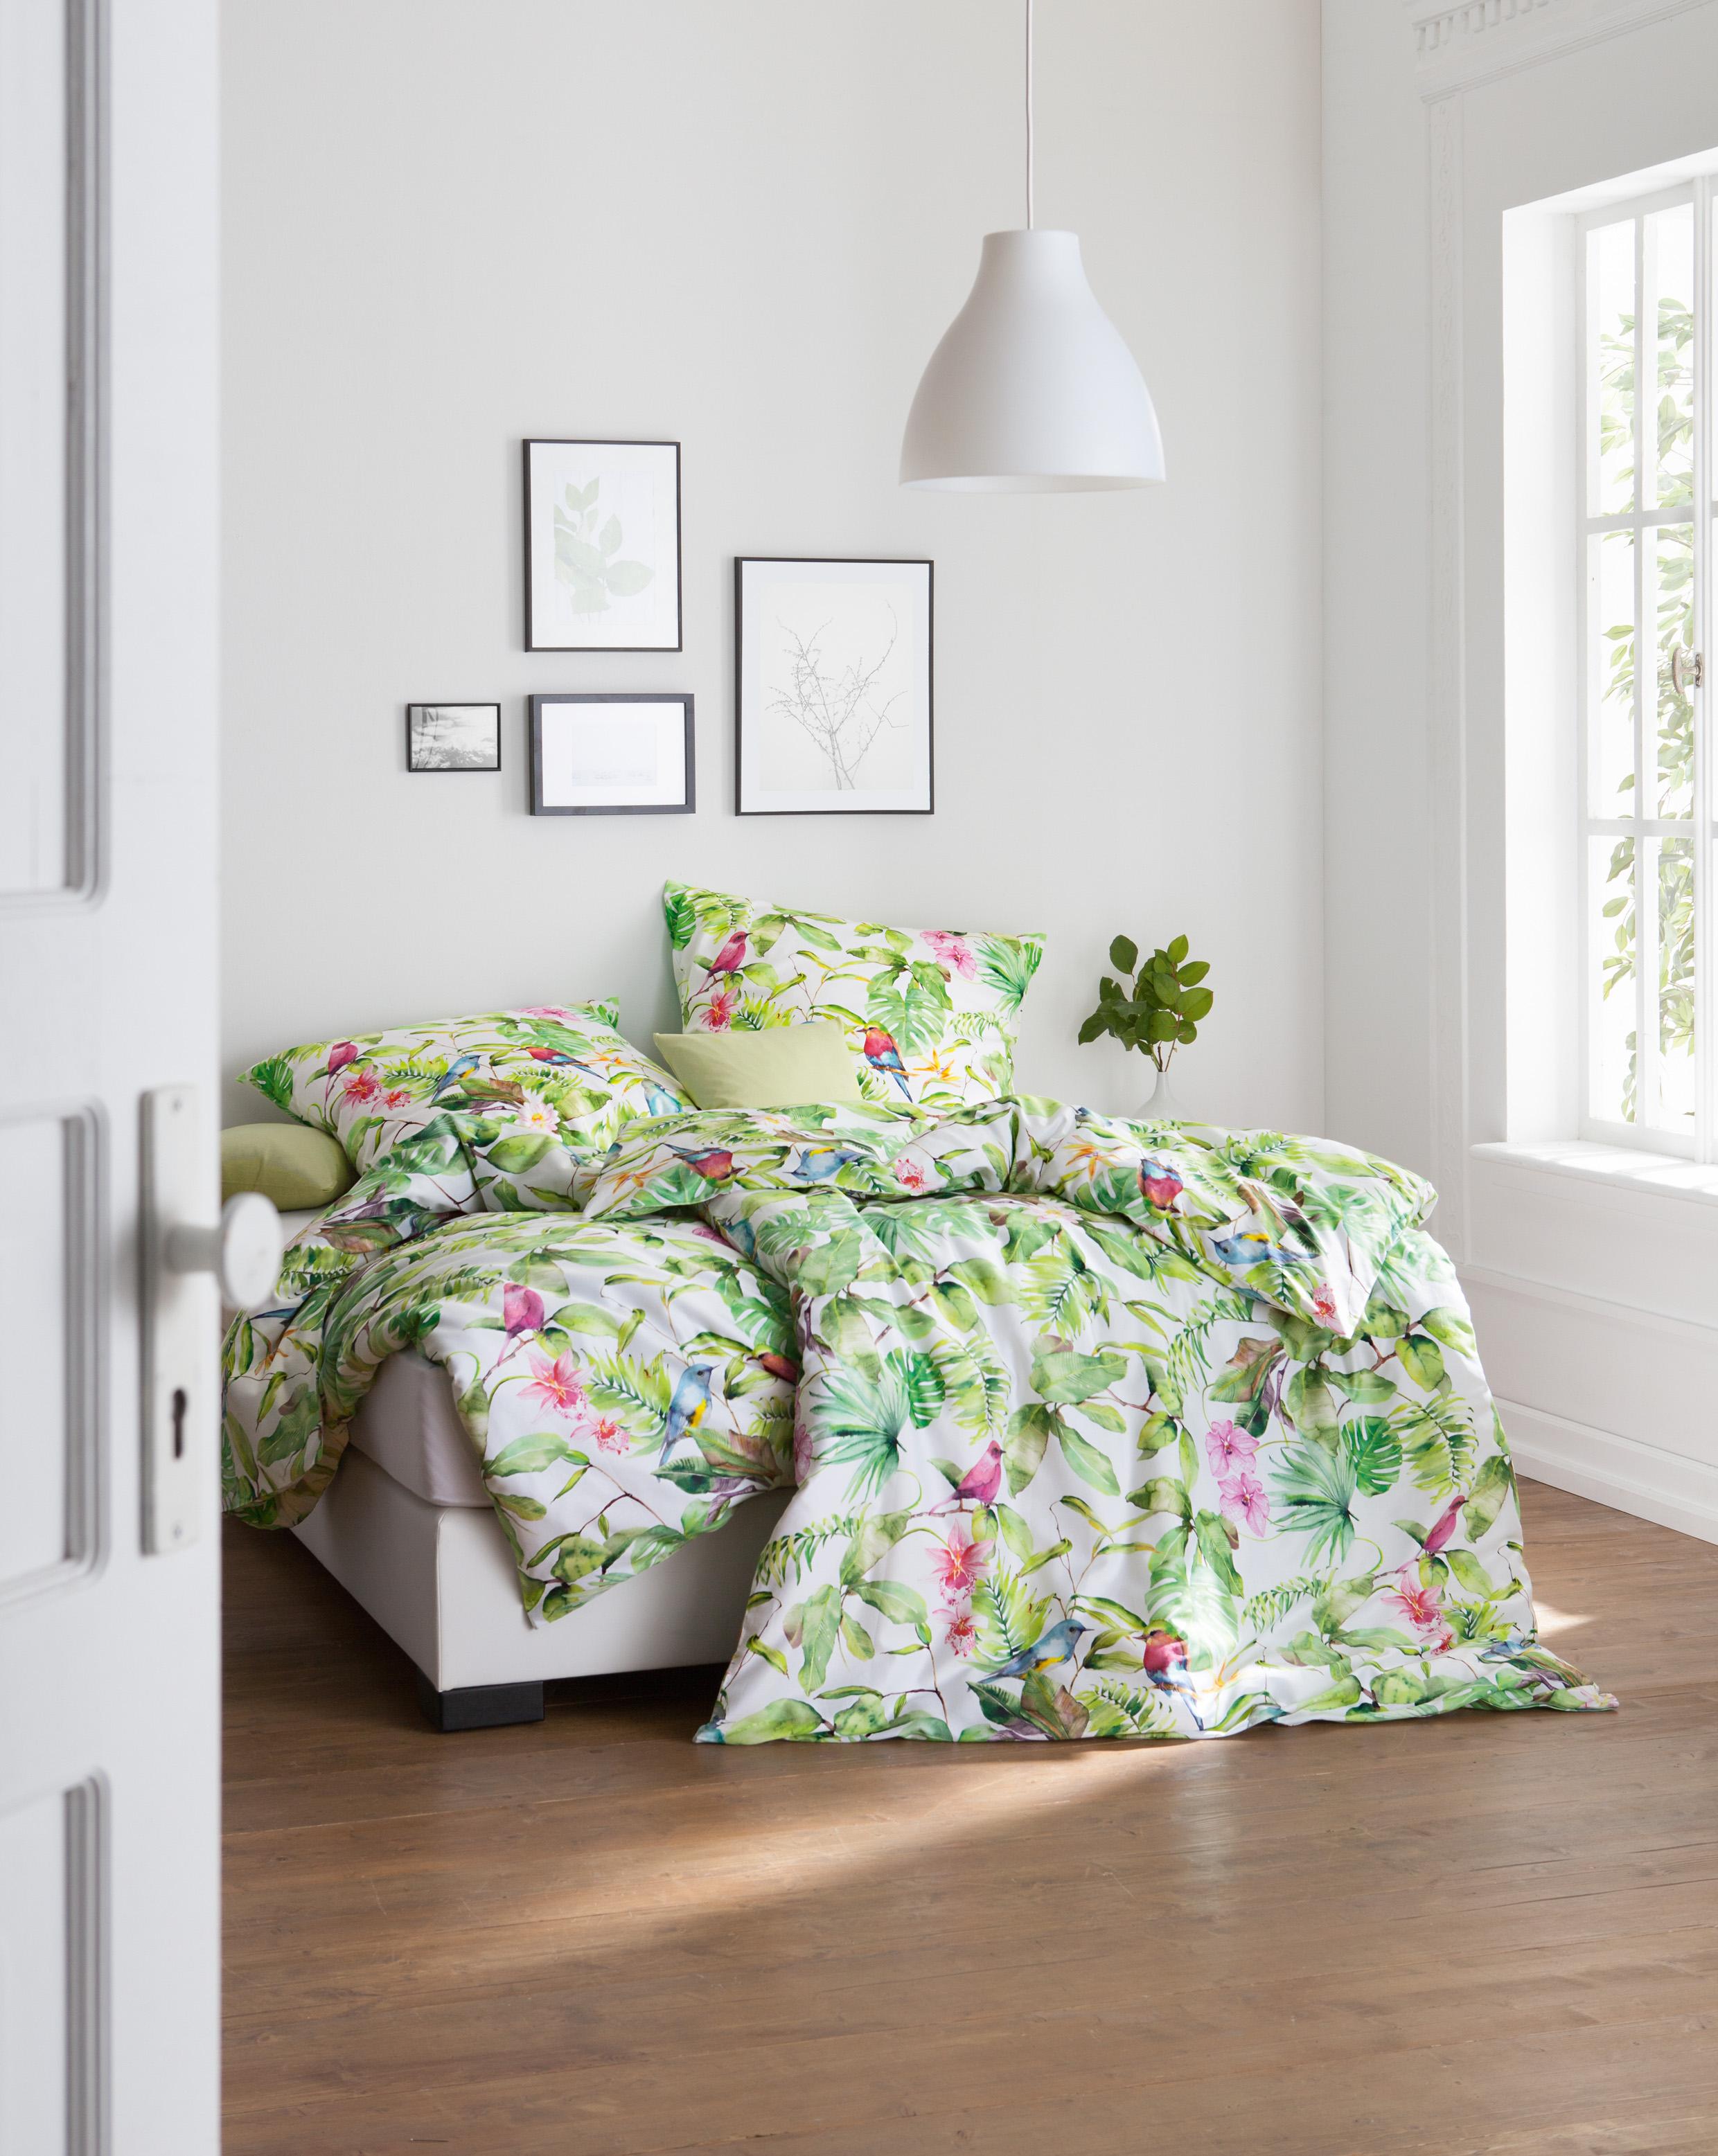 Dschungelfans Werden Die Neue Bettwäsche Lilou Mit Orchideen Vögel